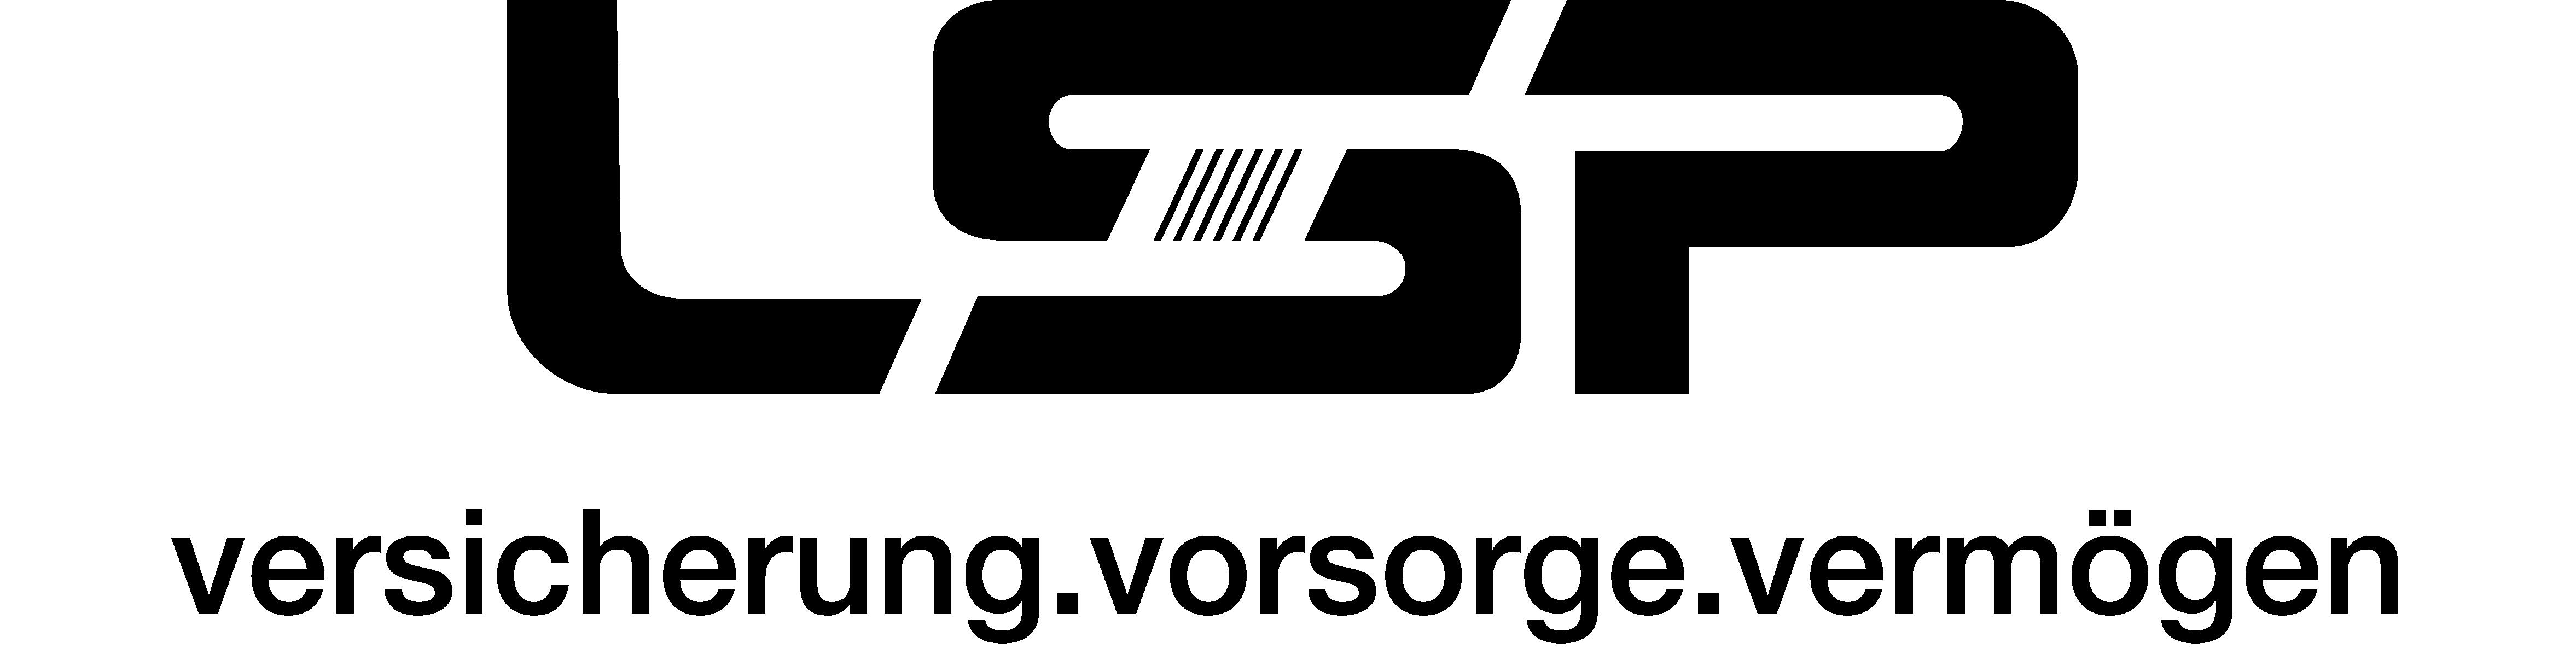 Final Logo_Schwarz Claim